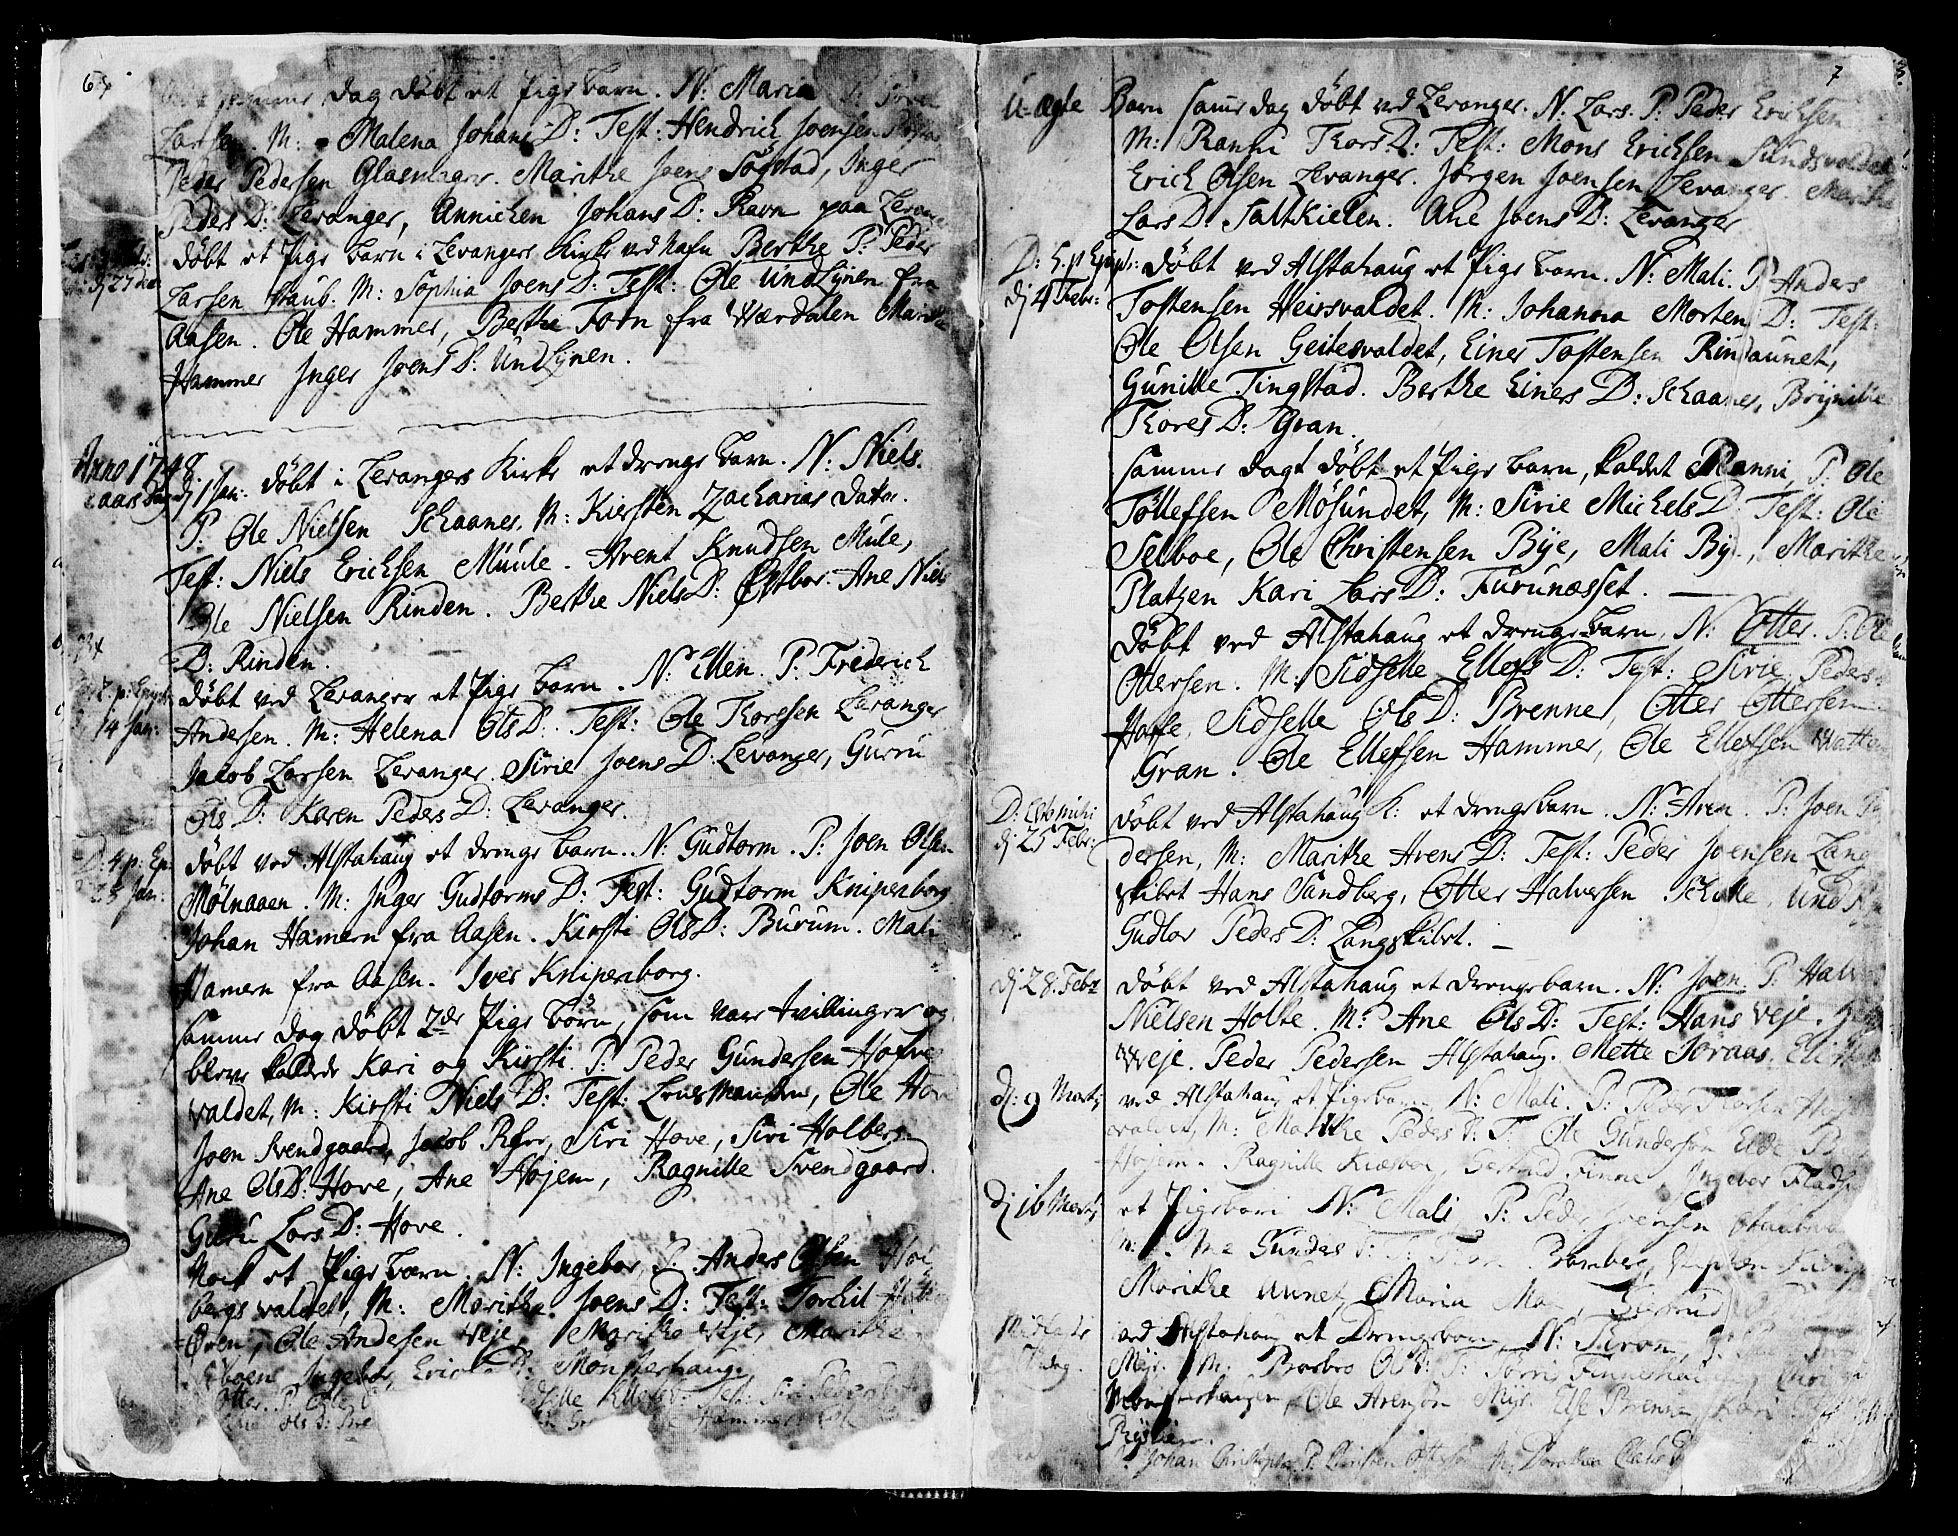 SAT, Ministerialprotokoller, klokkerbøker og fødselsregistre - Nord-Trøndelag, 717/L0141: Ministerialbok nr. 717A01, 1747-1803, s. 6-7